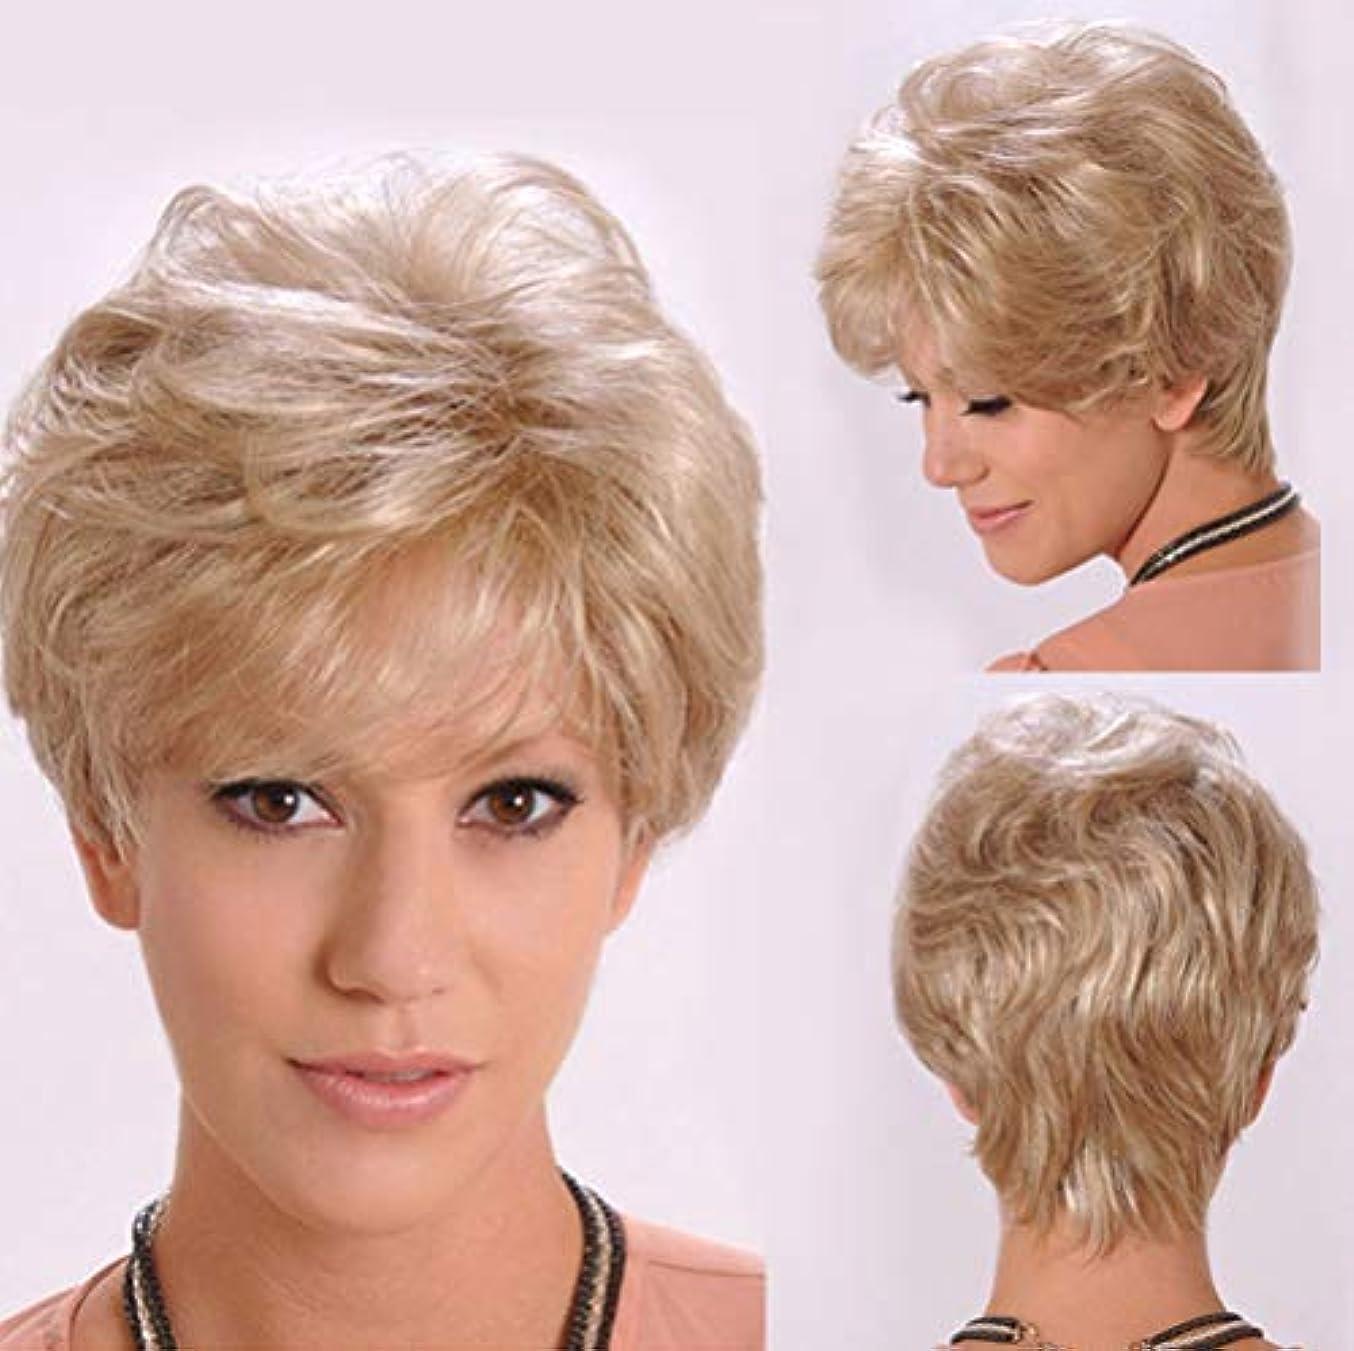 力強い心配する家庭女性ブラジルスタイリッシュで新しい短い軽いウェーブのかかった髪のかつら耐熱ブロンド24 cm